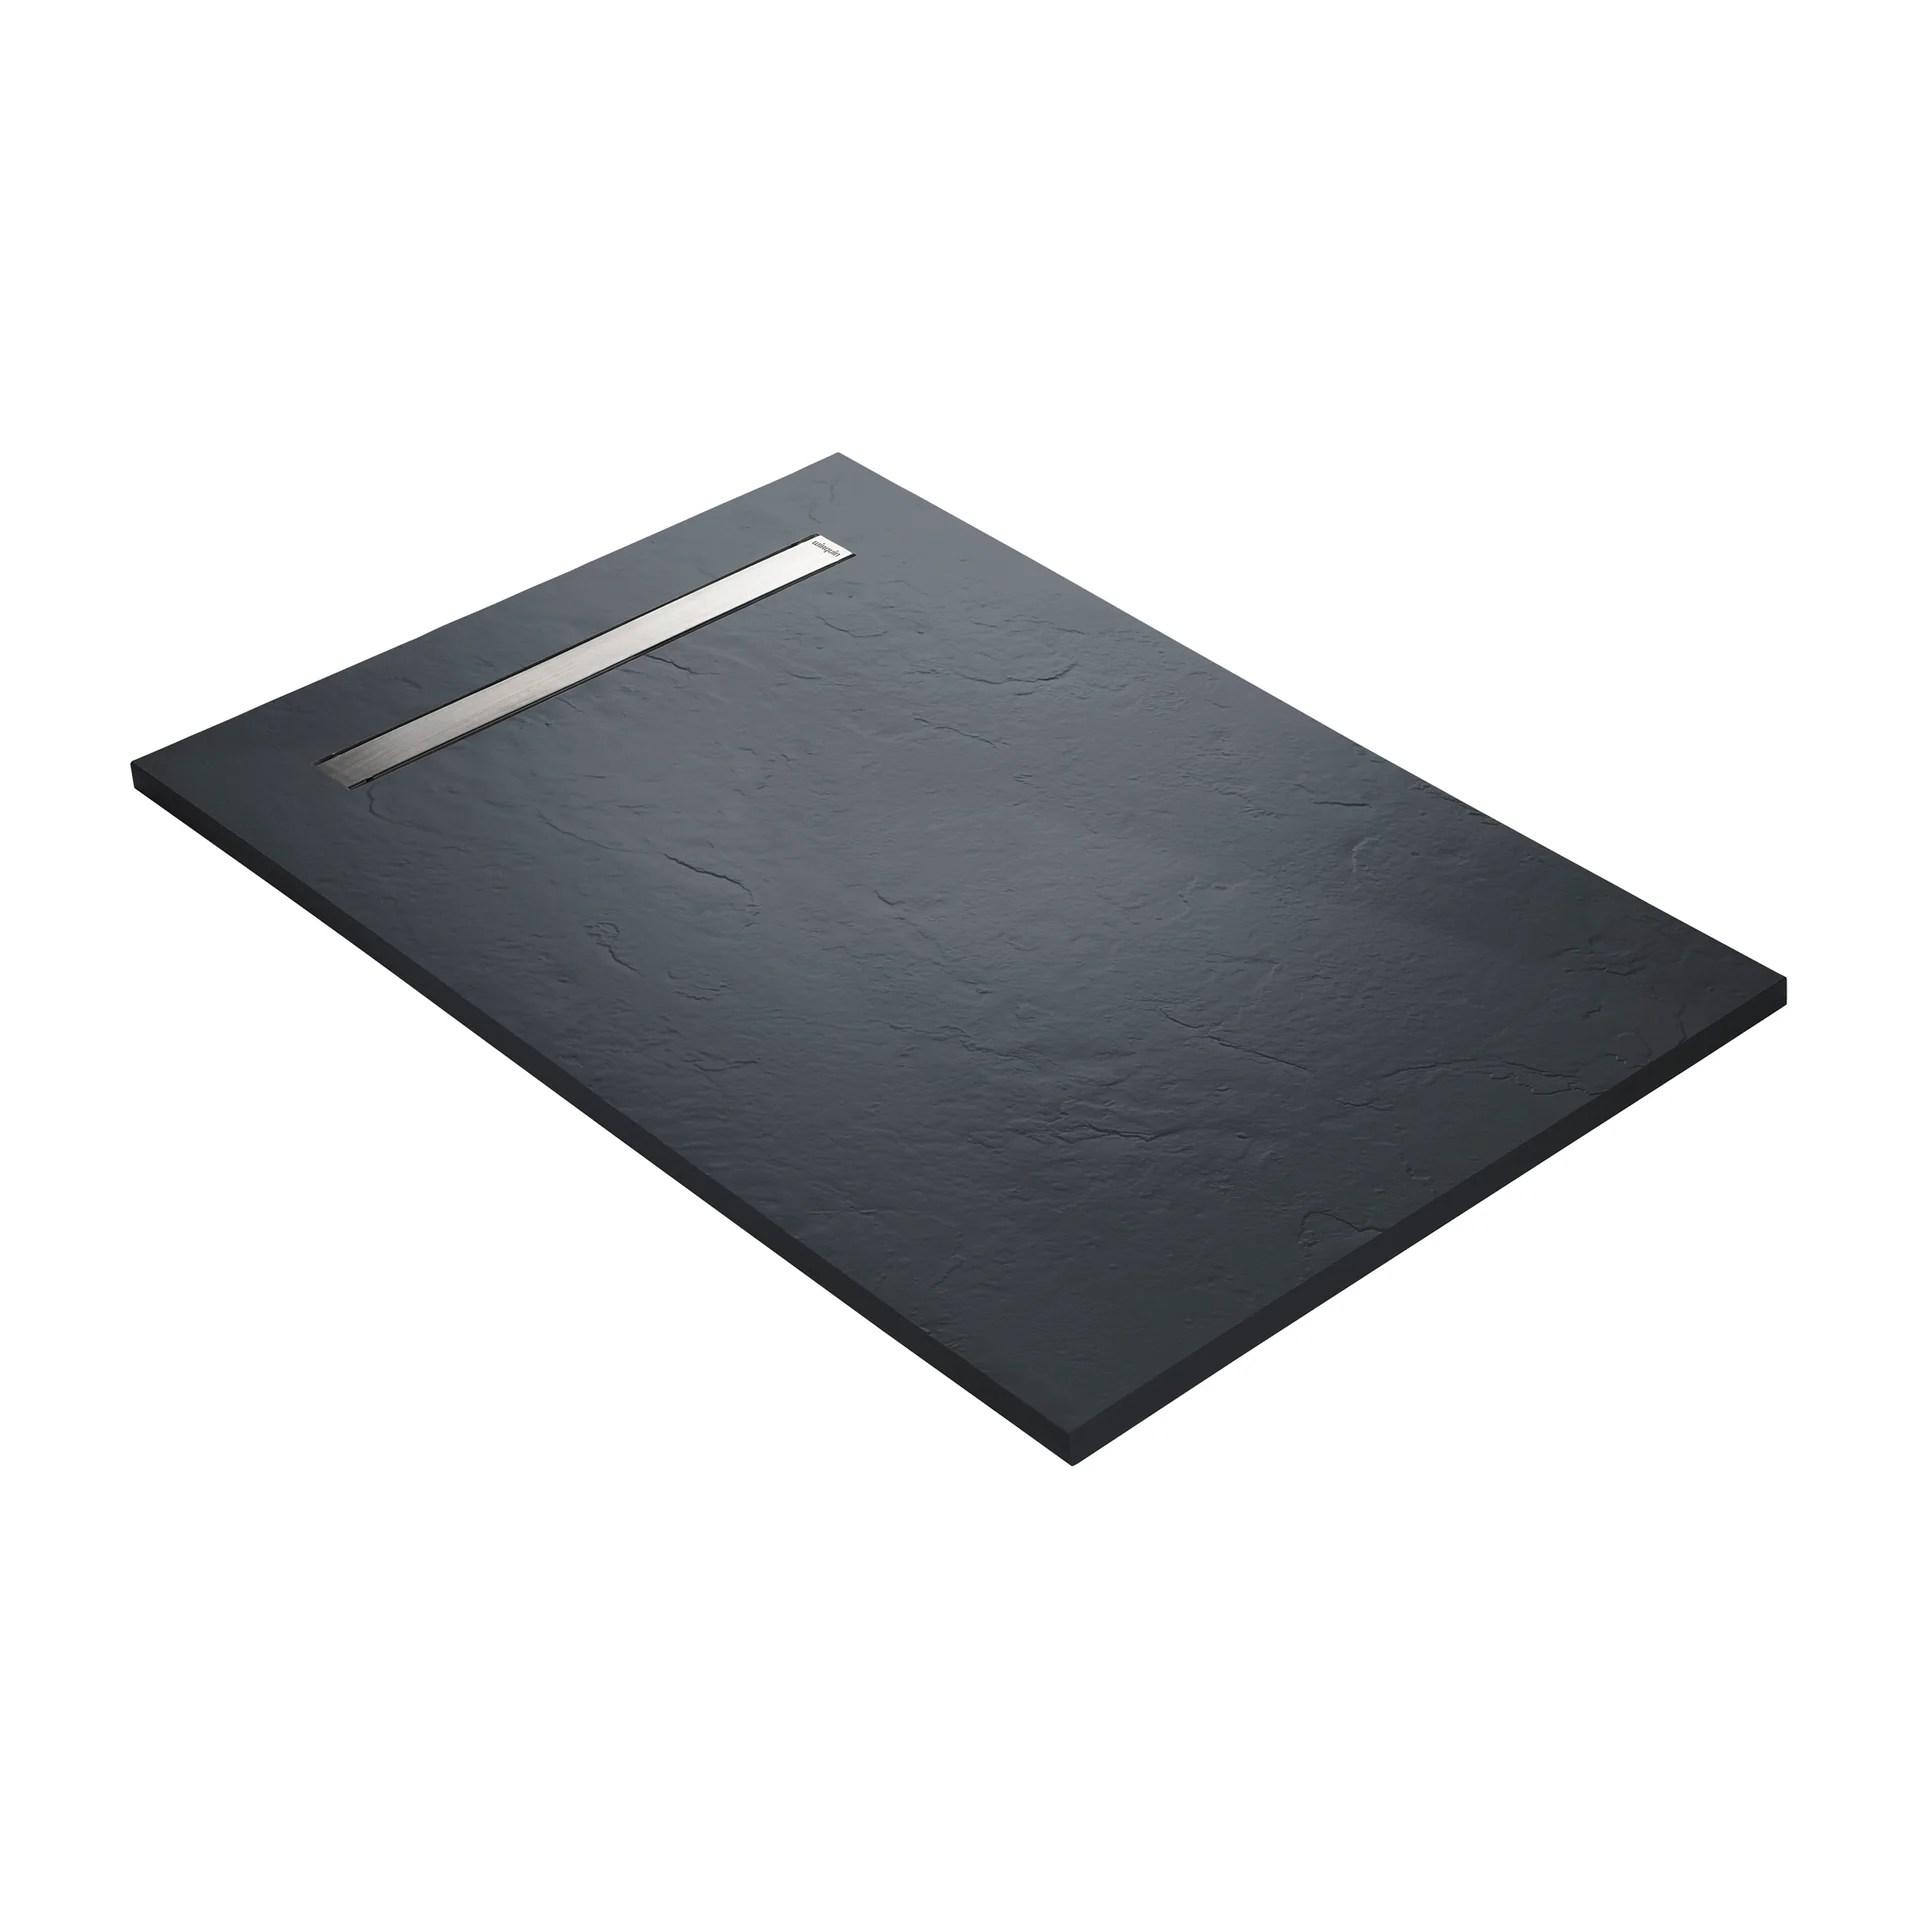 receveur douche extra plat caniveau inox resine gris 120 x 80